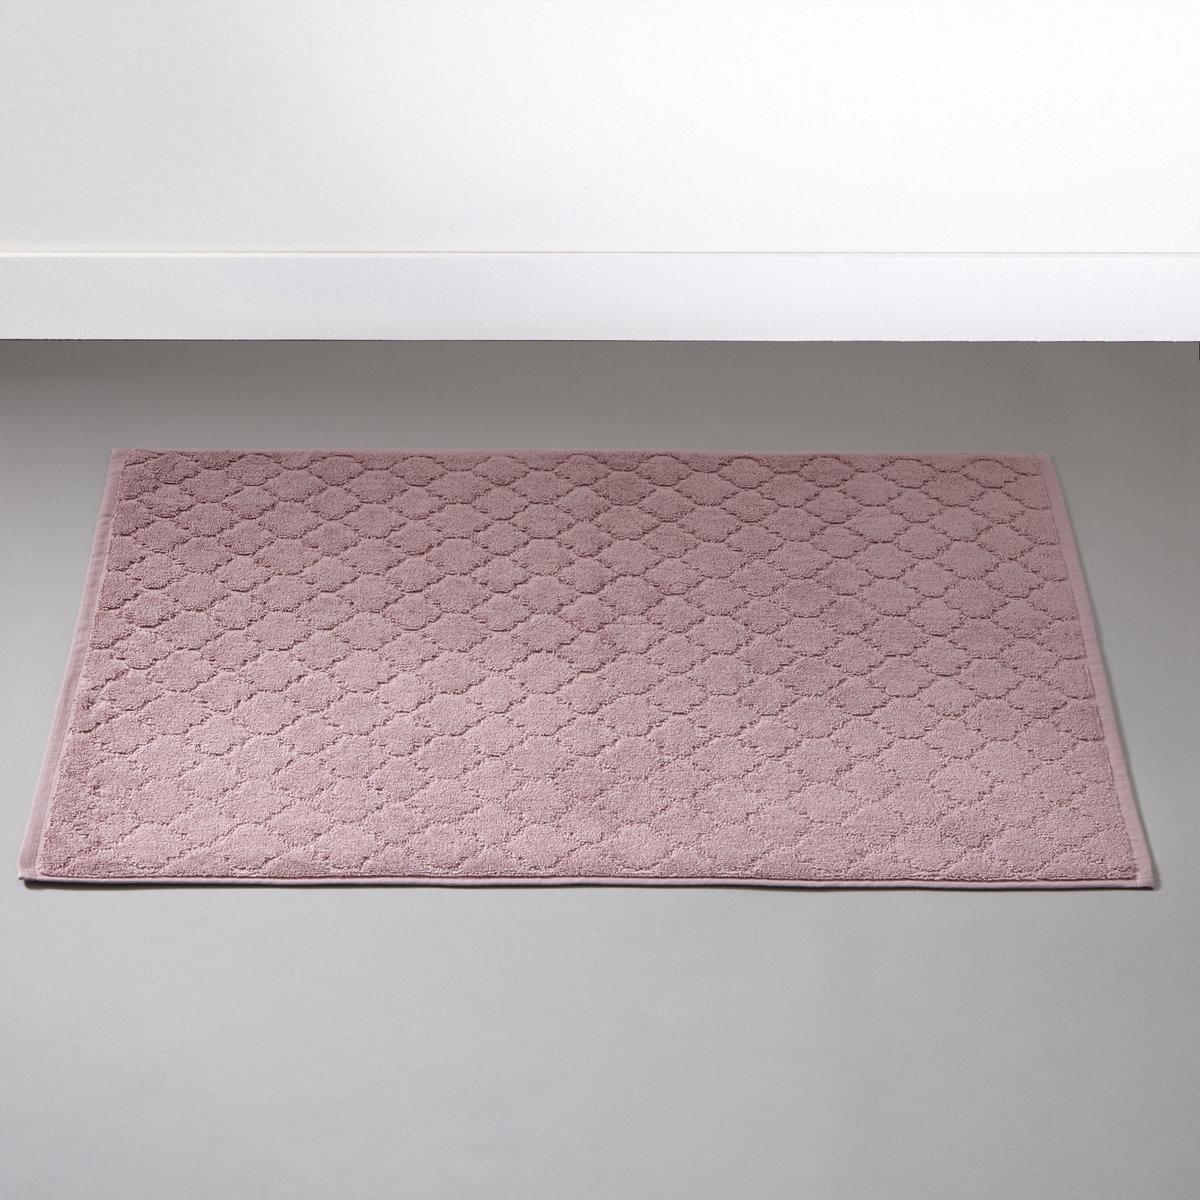 Коврик La Redoute Для ванной гм Aljustrel 50 x 70 см розовый